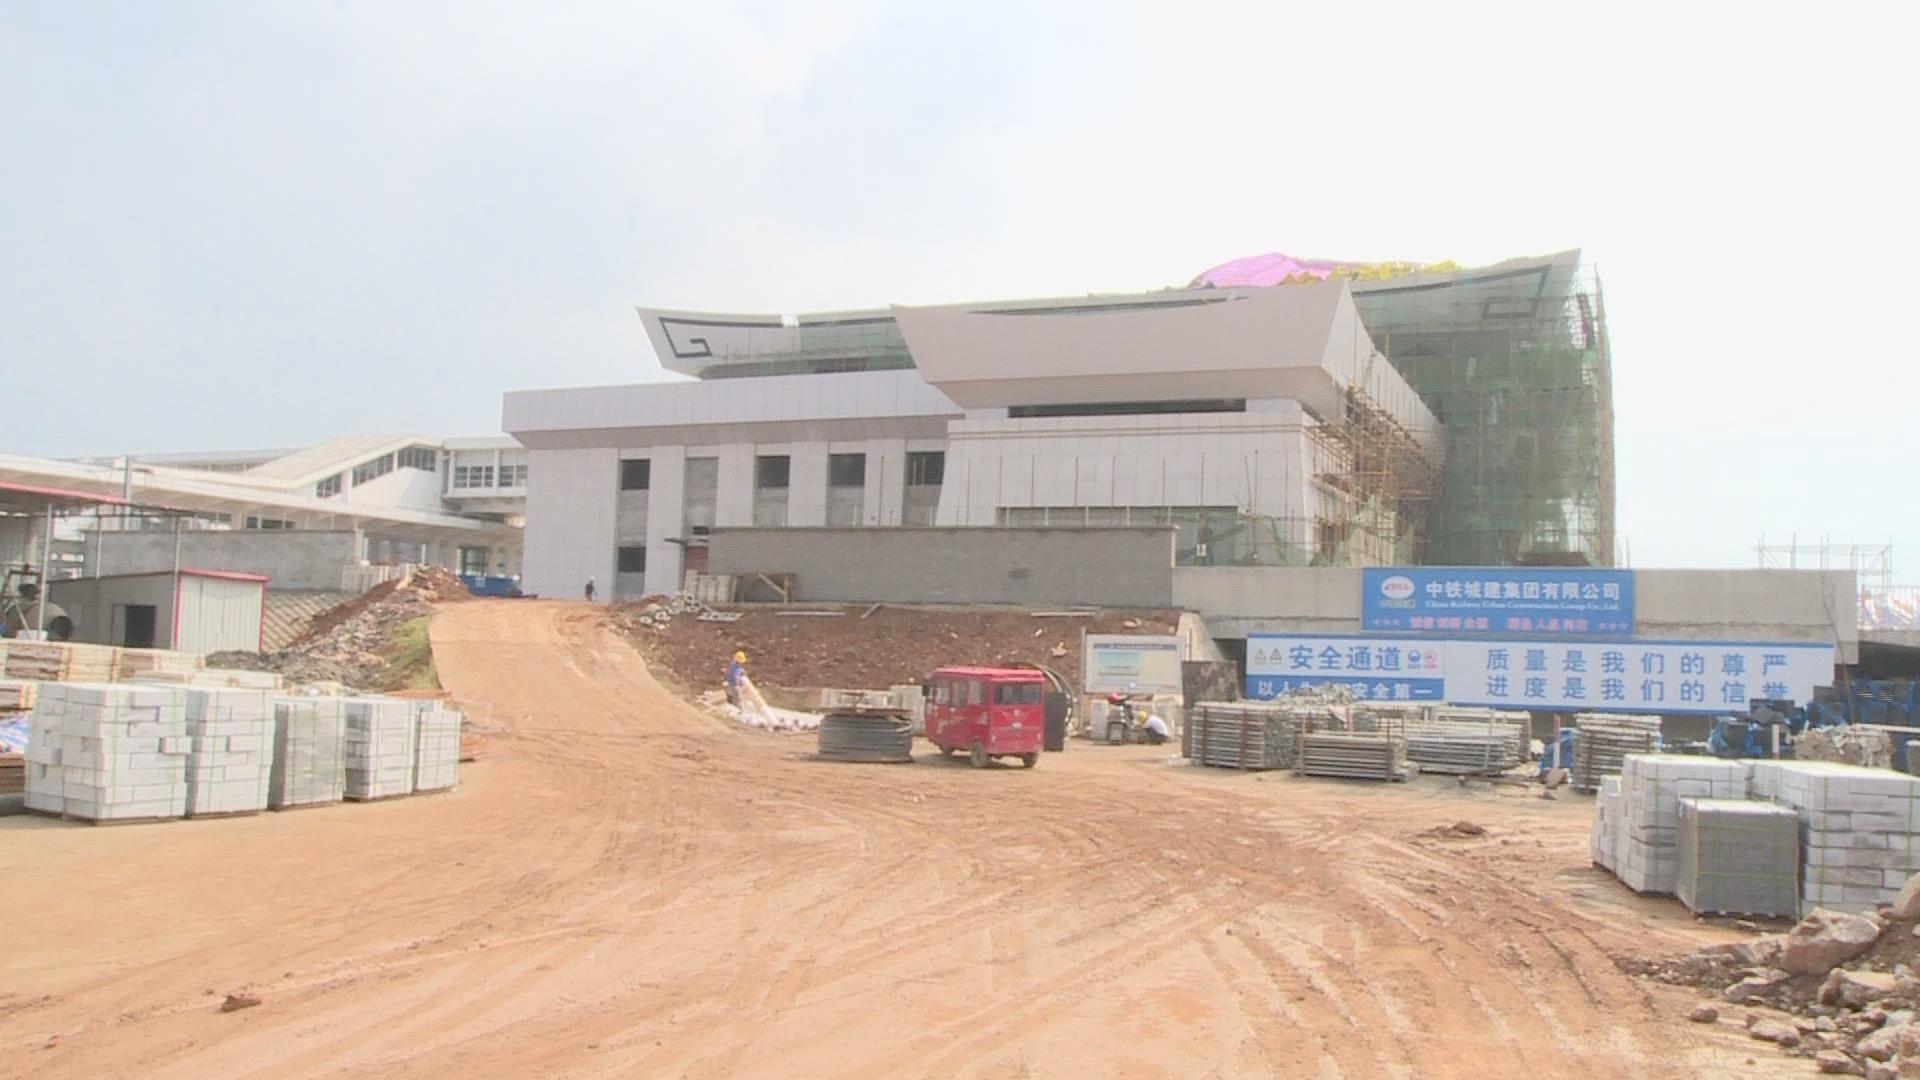 阳新新闻:阳新高铁站前广场等项目正常推进中